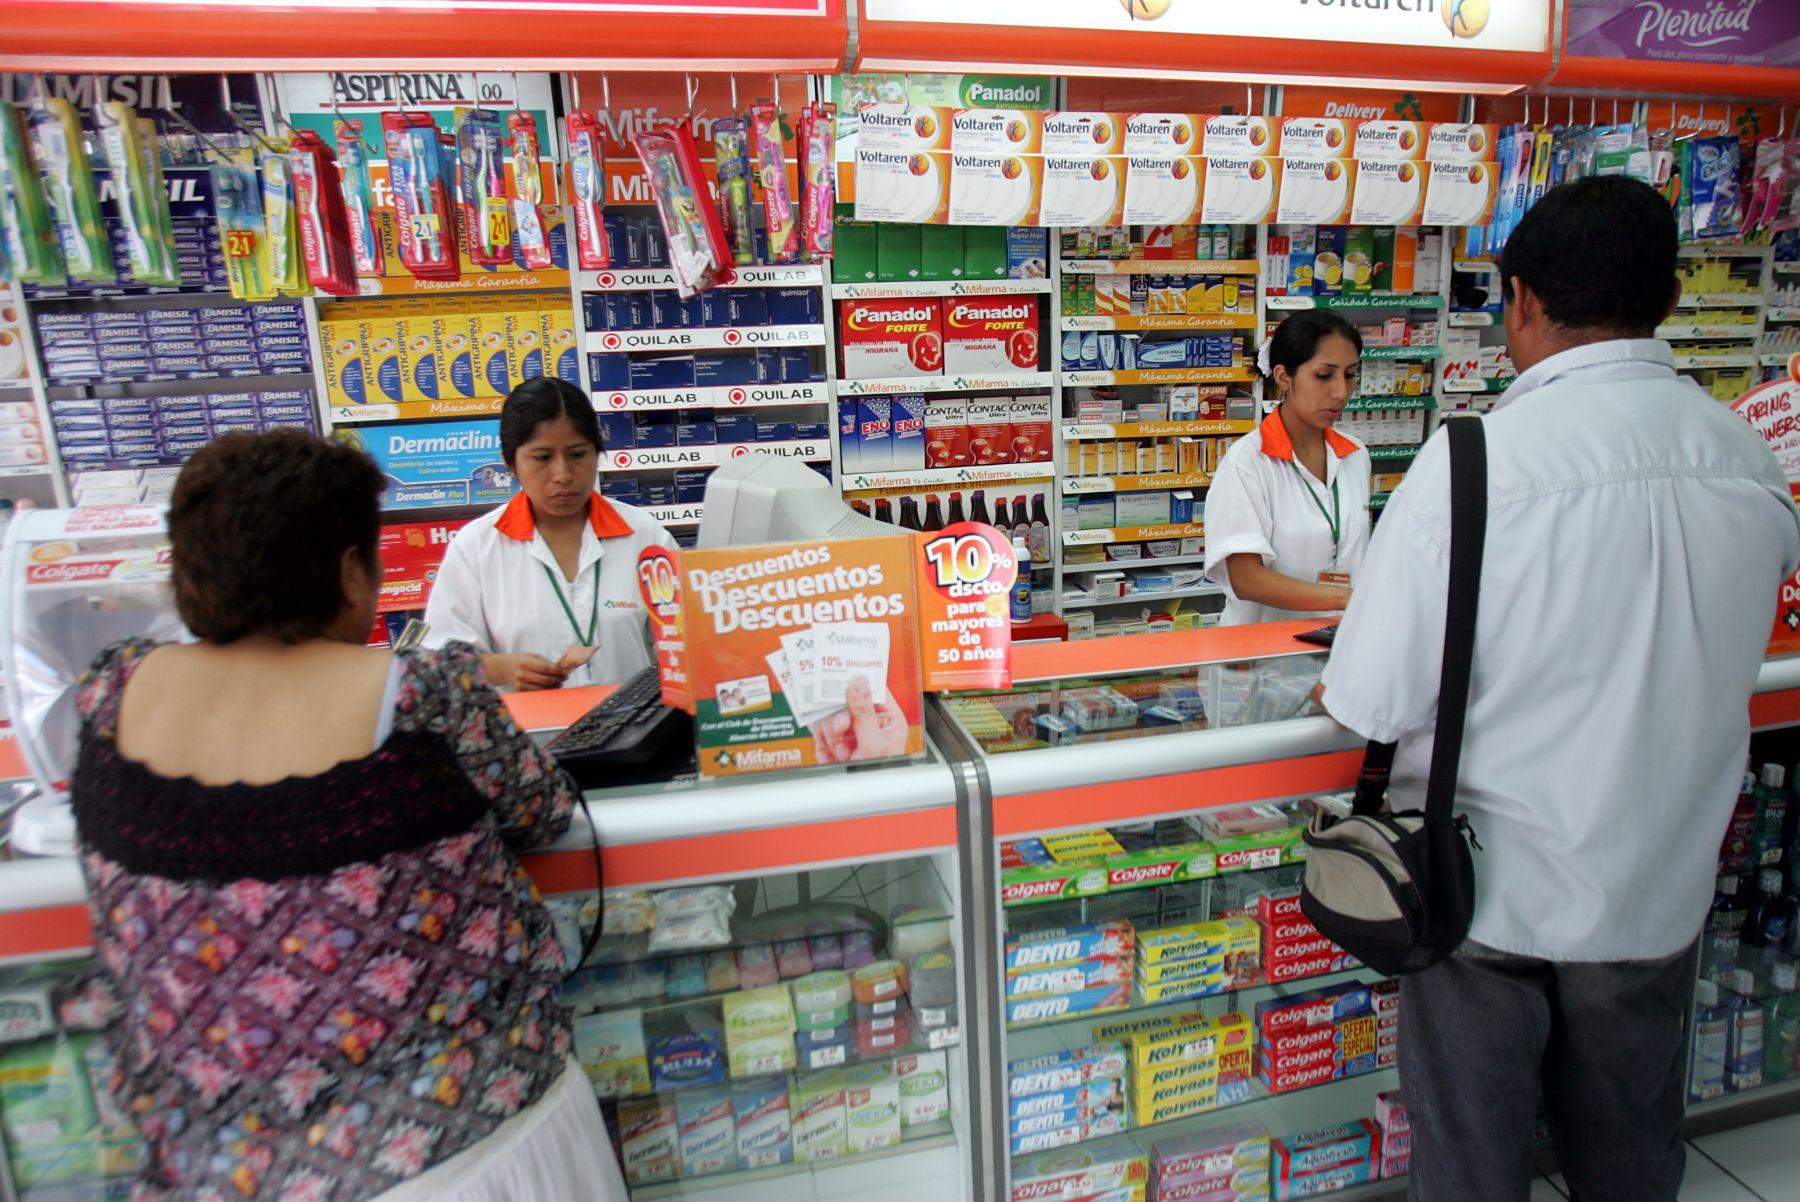 La lista contiene 31 medicamentos para distintas enfermedades. Foto: ANDINA/archivo